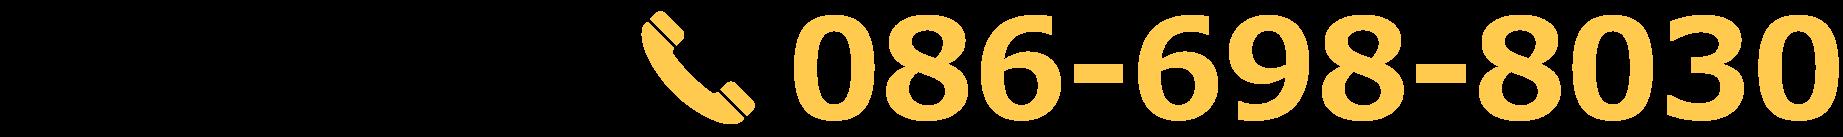 有料老人ホーム ひまわりホーム 086-698-8030